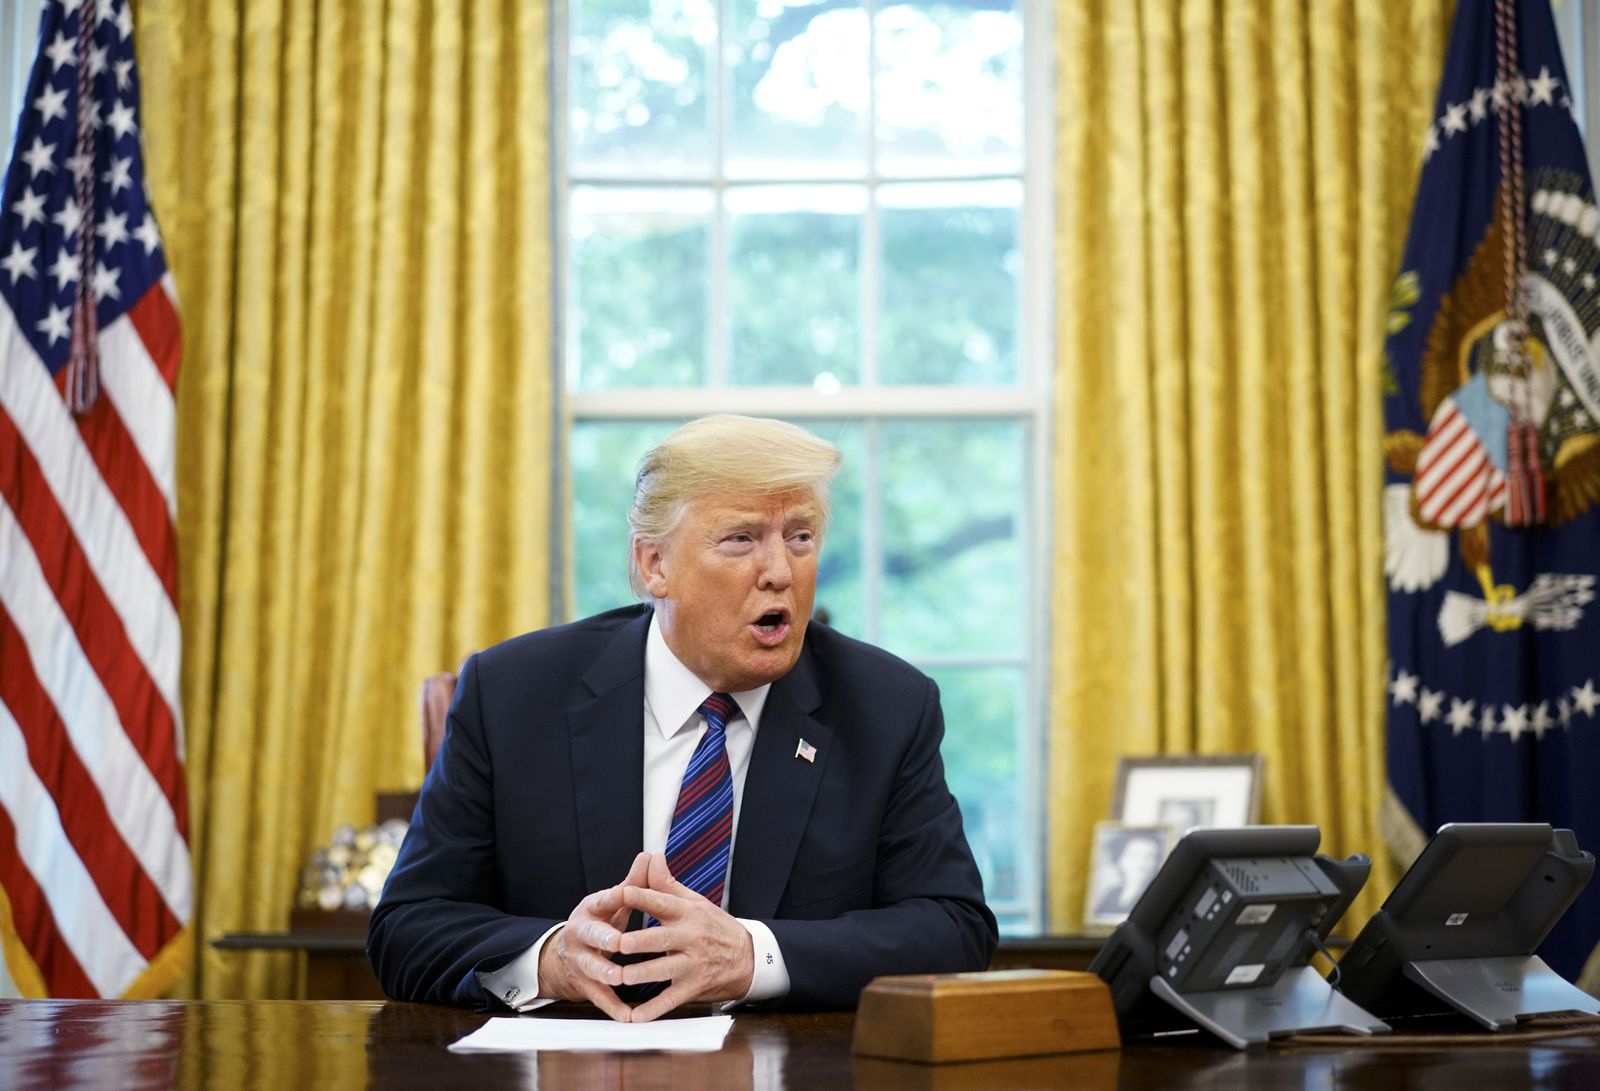 Donald Trump/ NAFTA